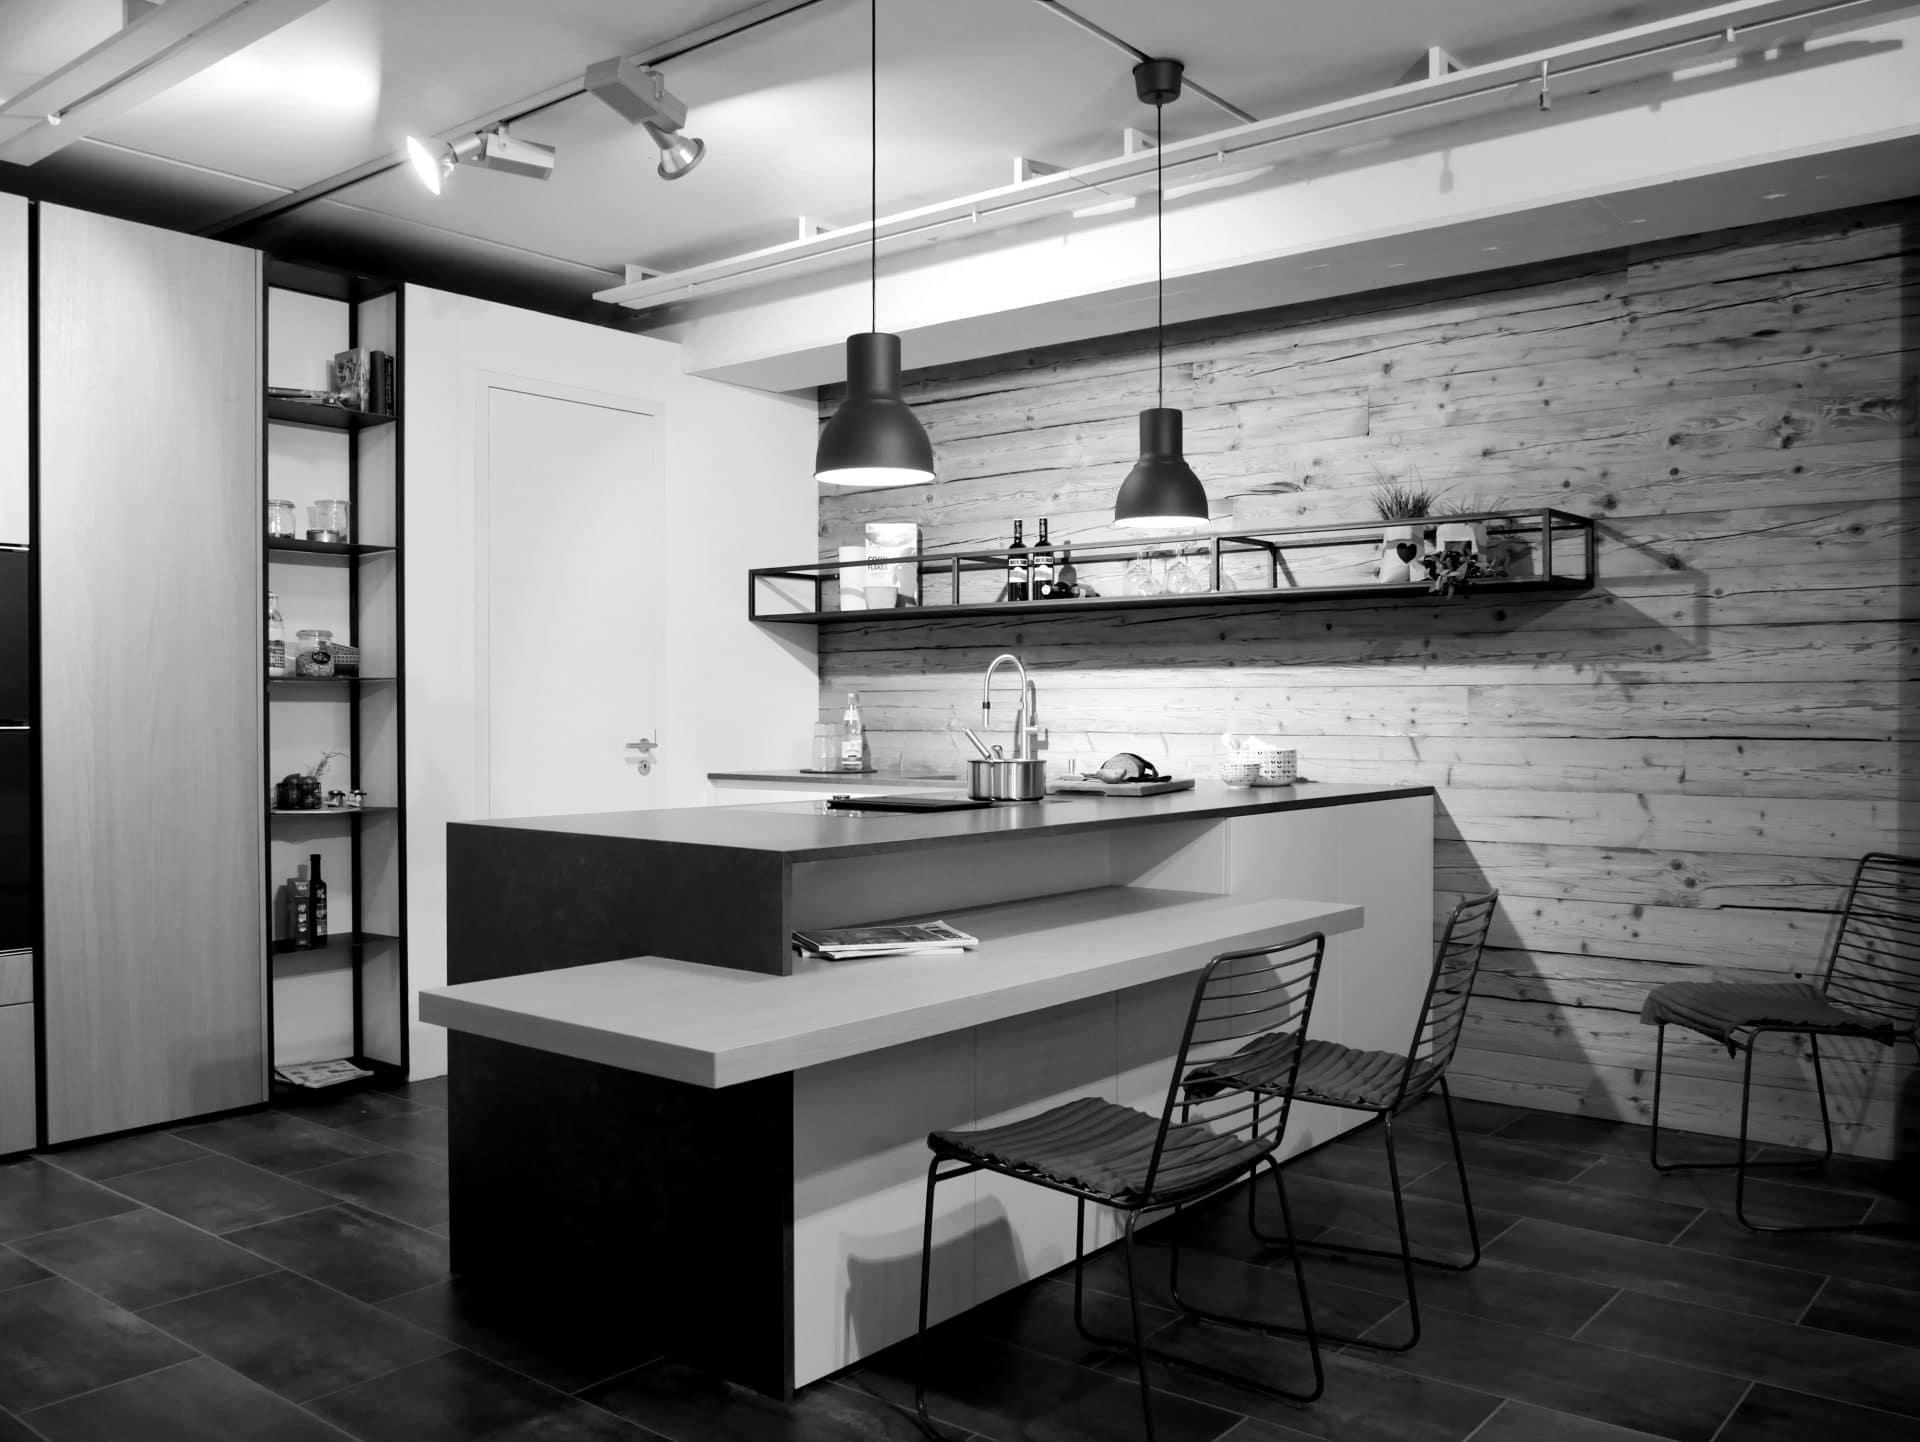 Showroom von Schreinerei und Planungsbüro VOIT in Reichertshausen, Designerküche aus Stein vor einer Echtholz Wand, davor 3 Stühle - Bild in schwarz-weiß